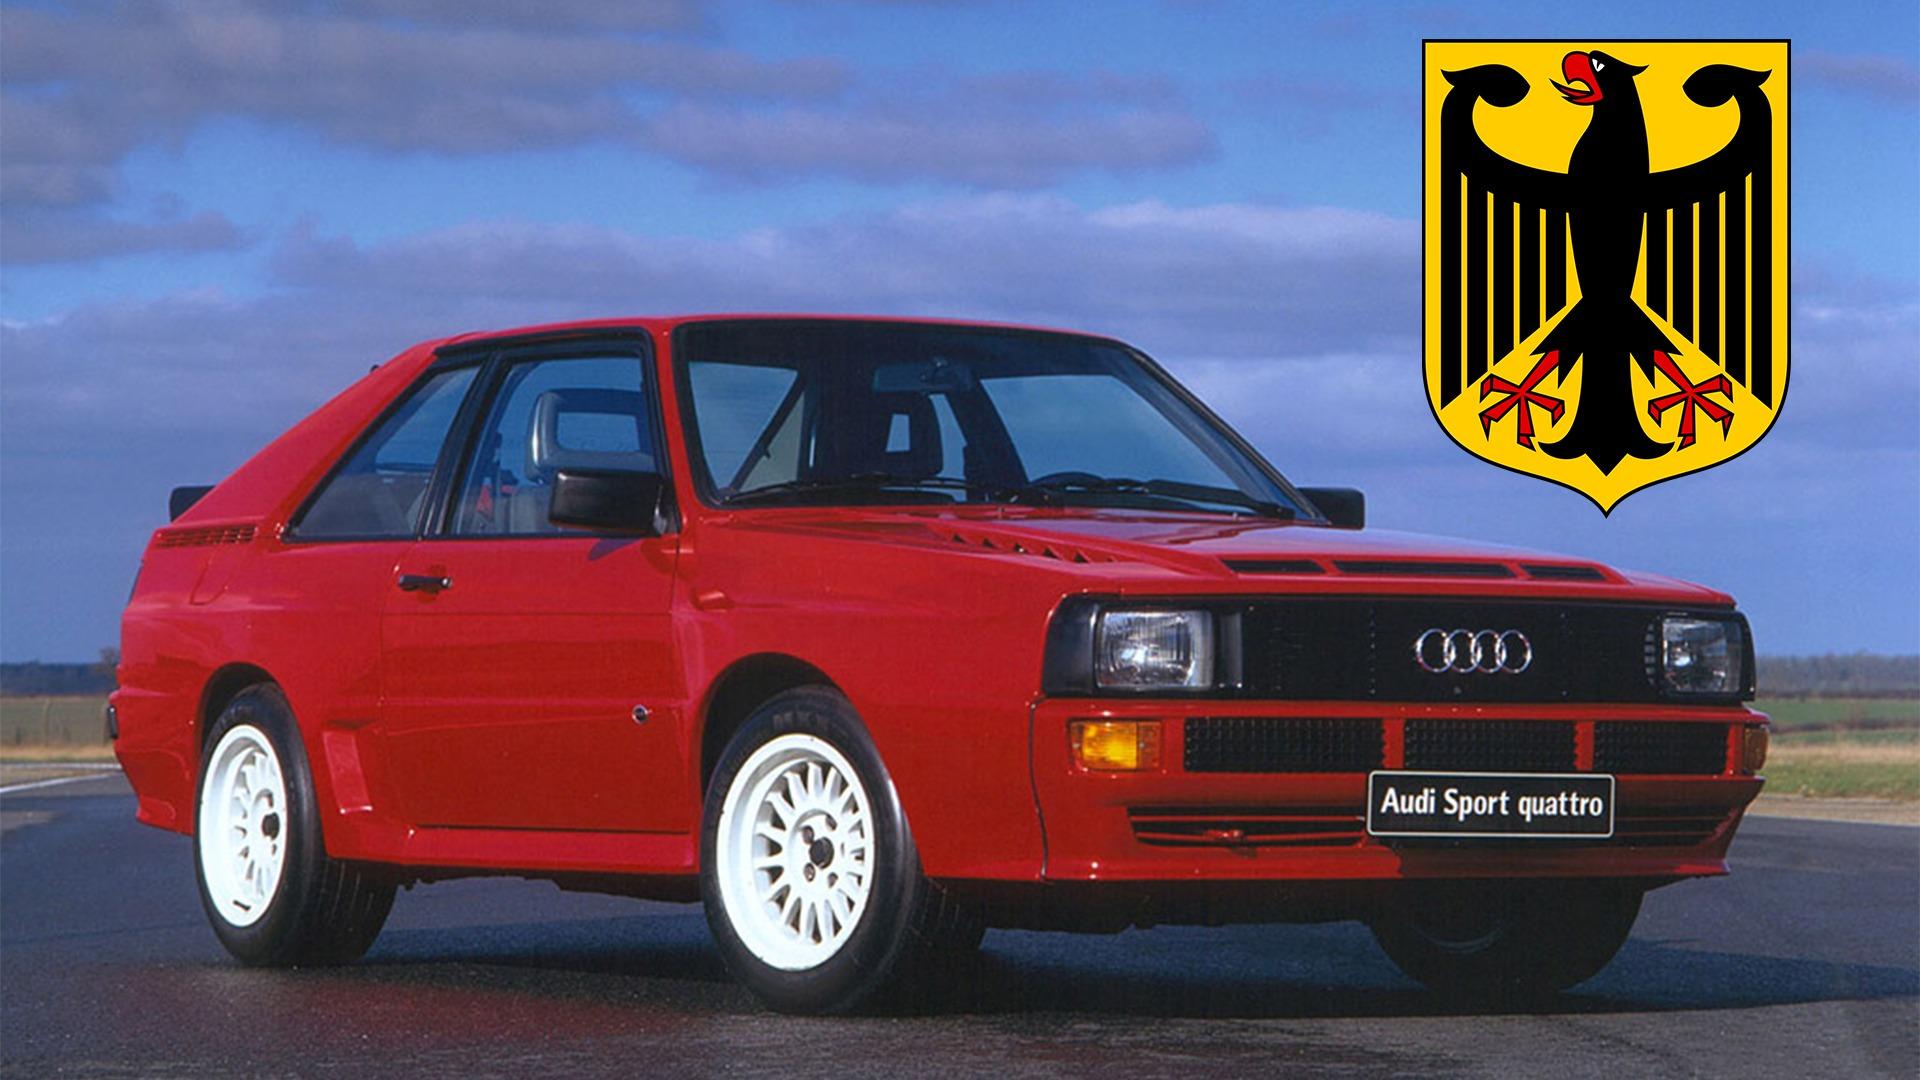 Lordens Garasje – Topp 5 tyske biler